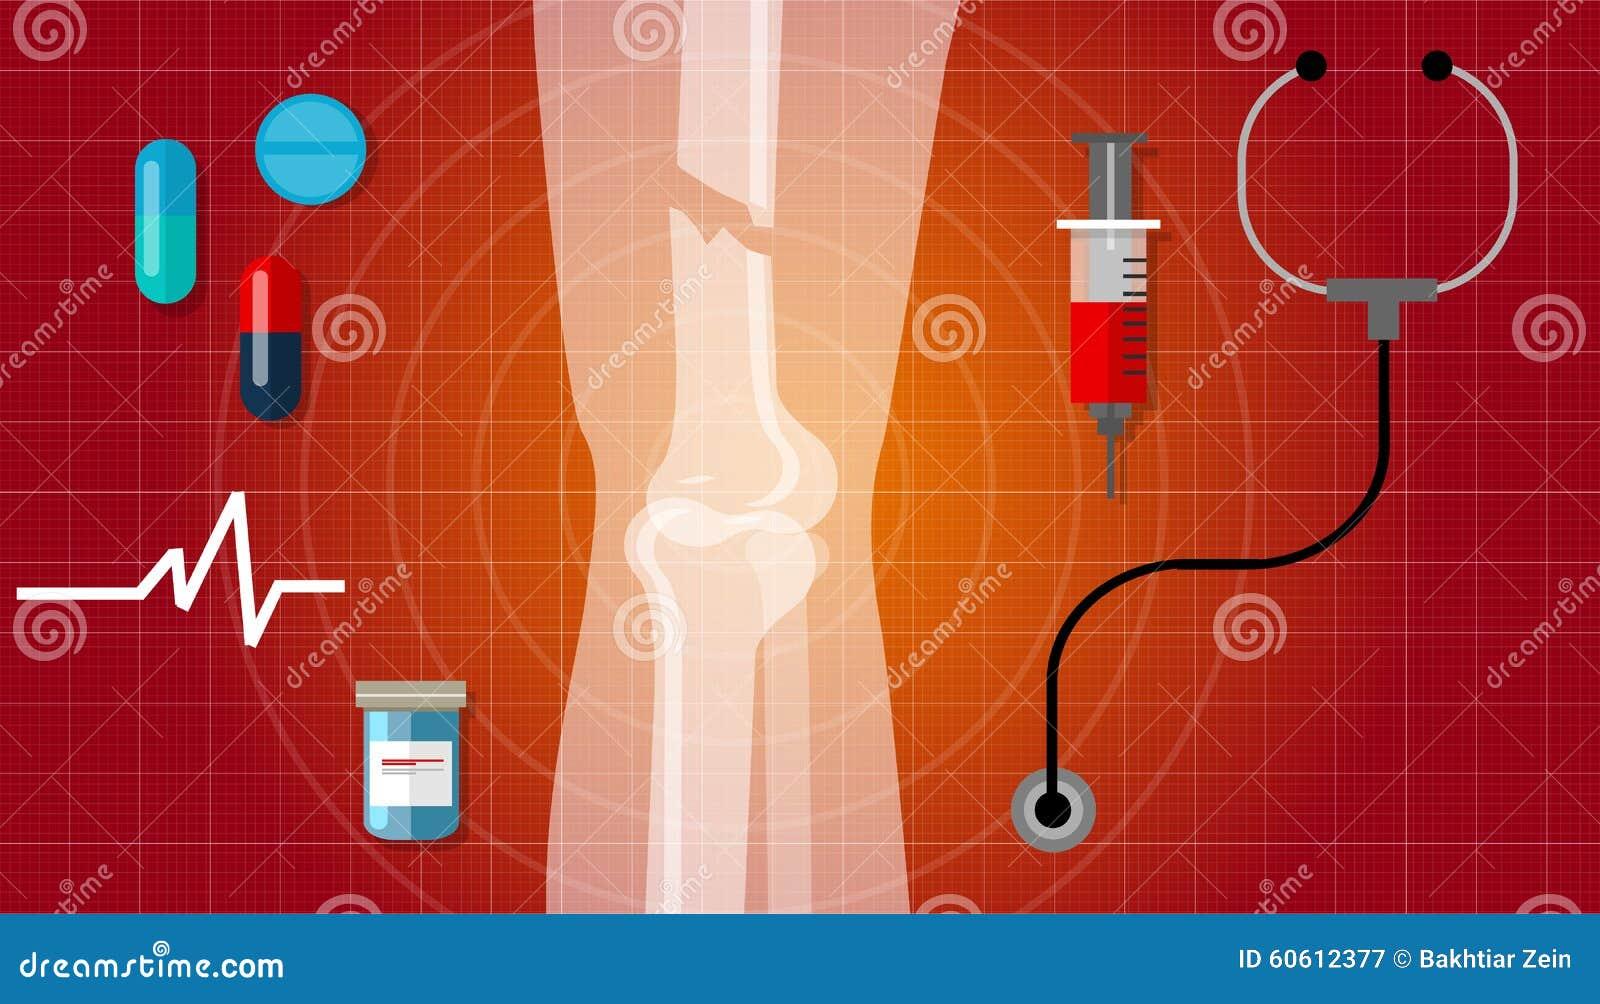 Kość przełamu złamanych nóg anatomii x promienia leczenia ilustraci ludzka ikona